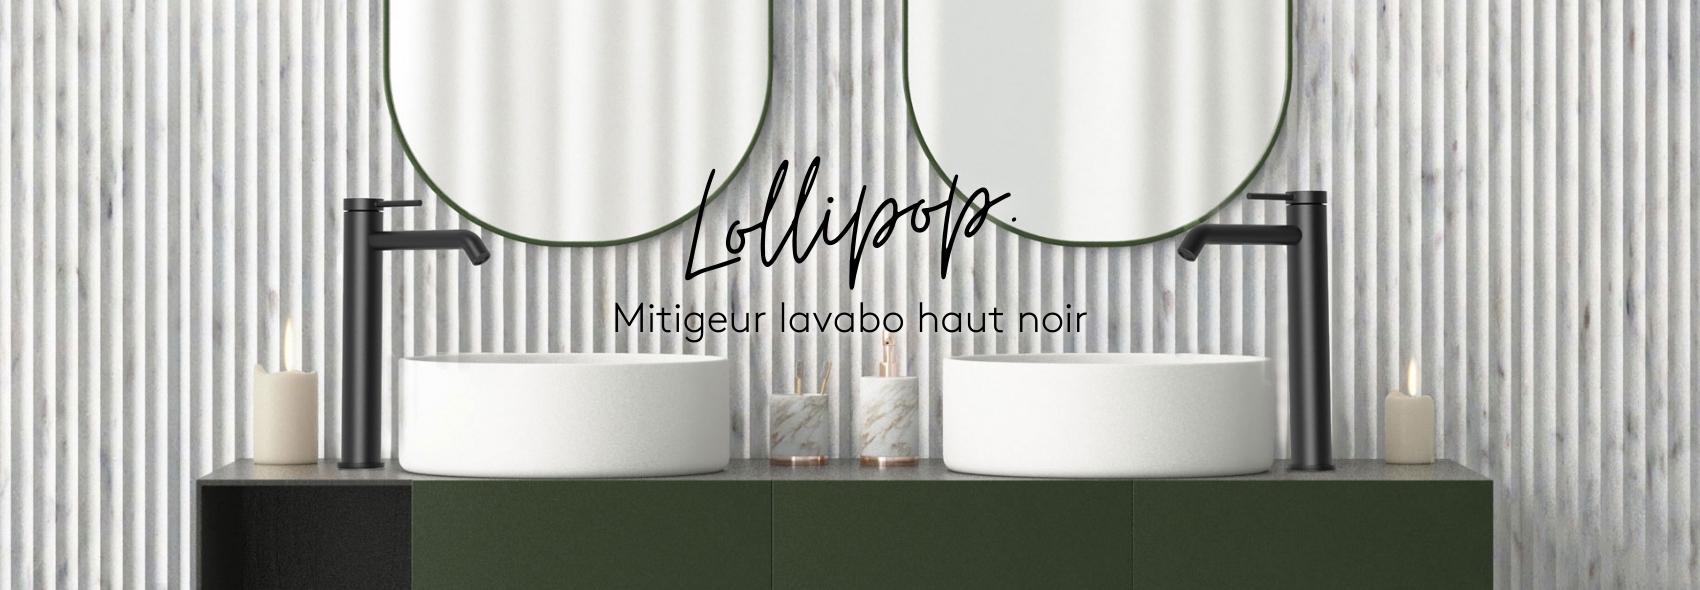 Lollipop mitigeur lavabo haut